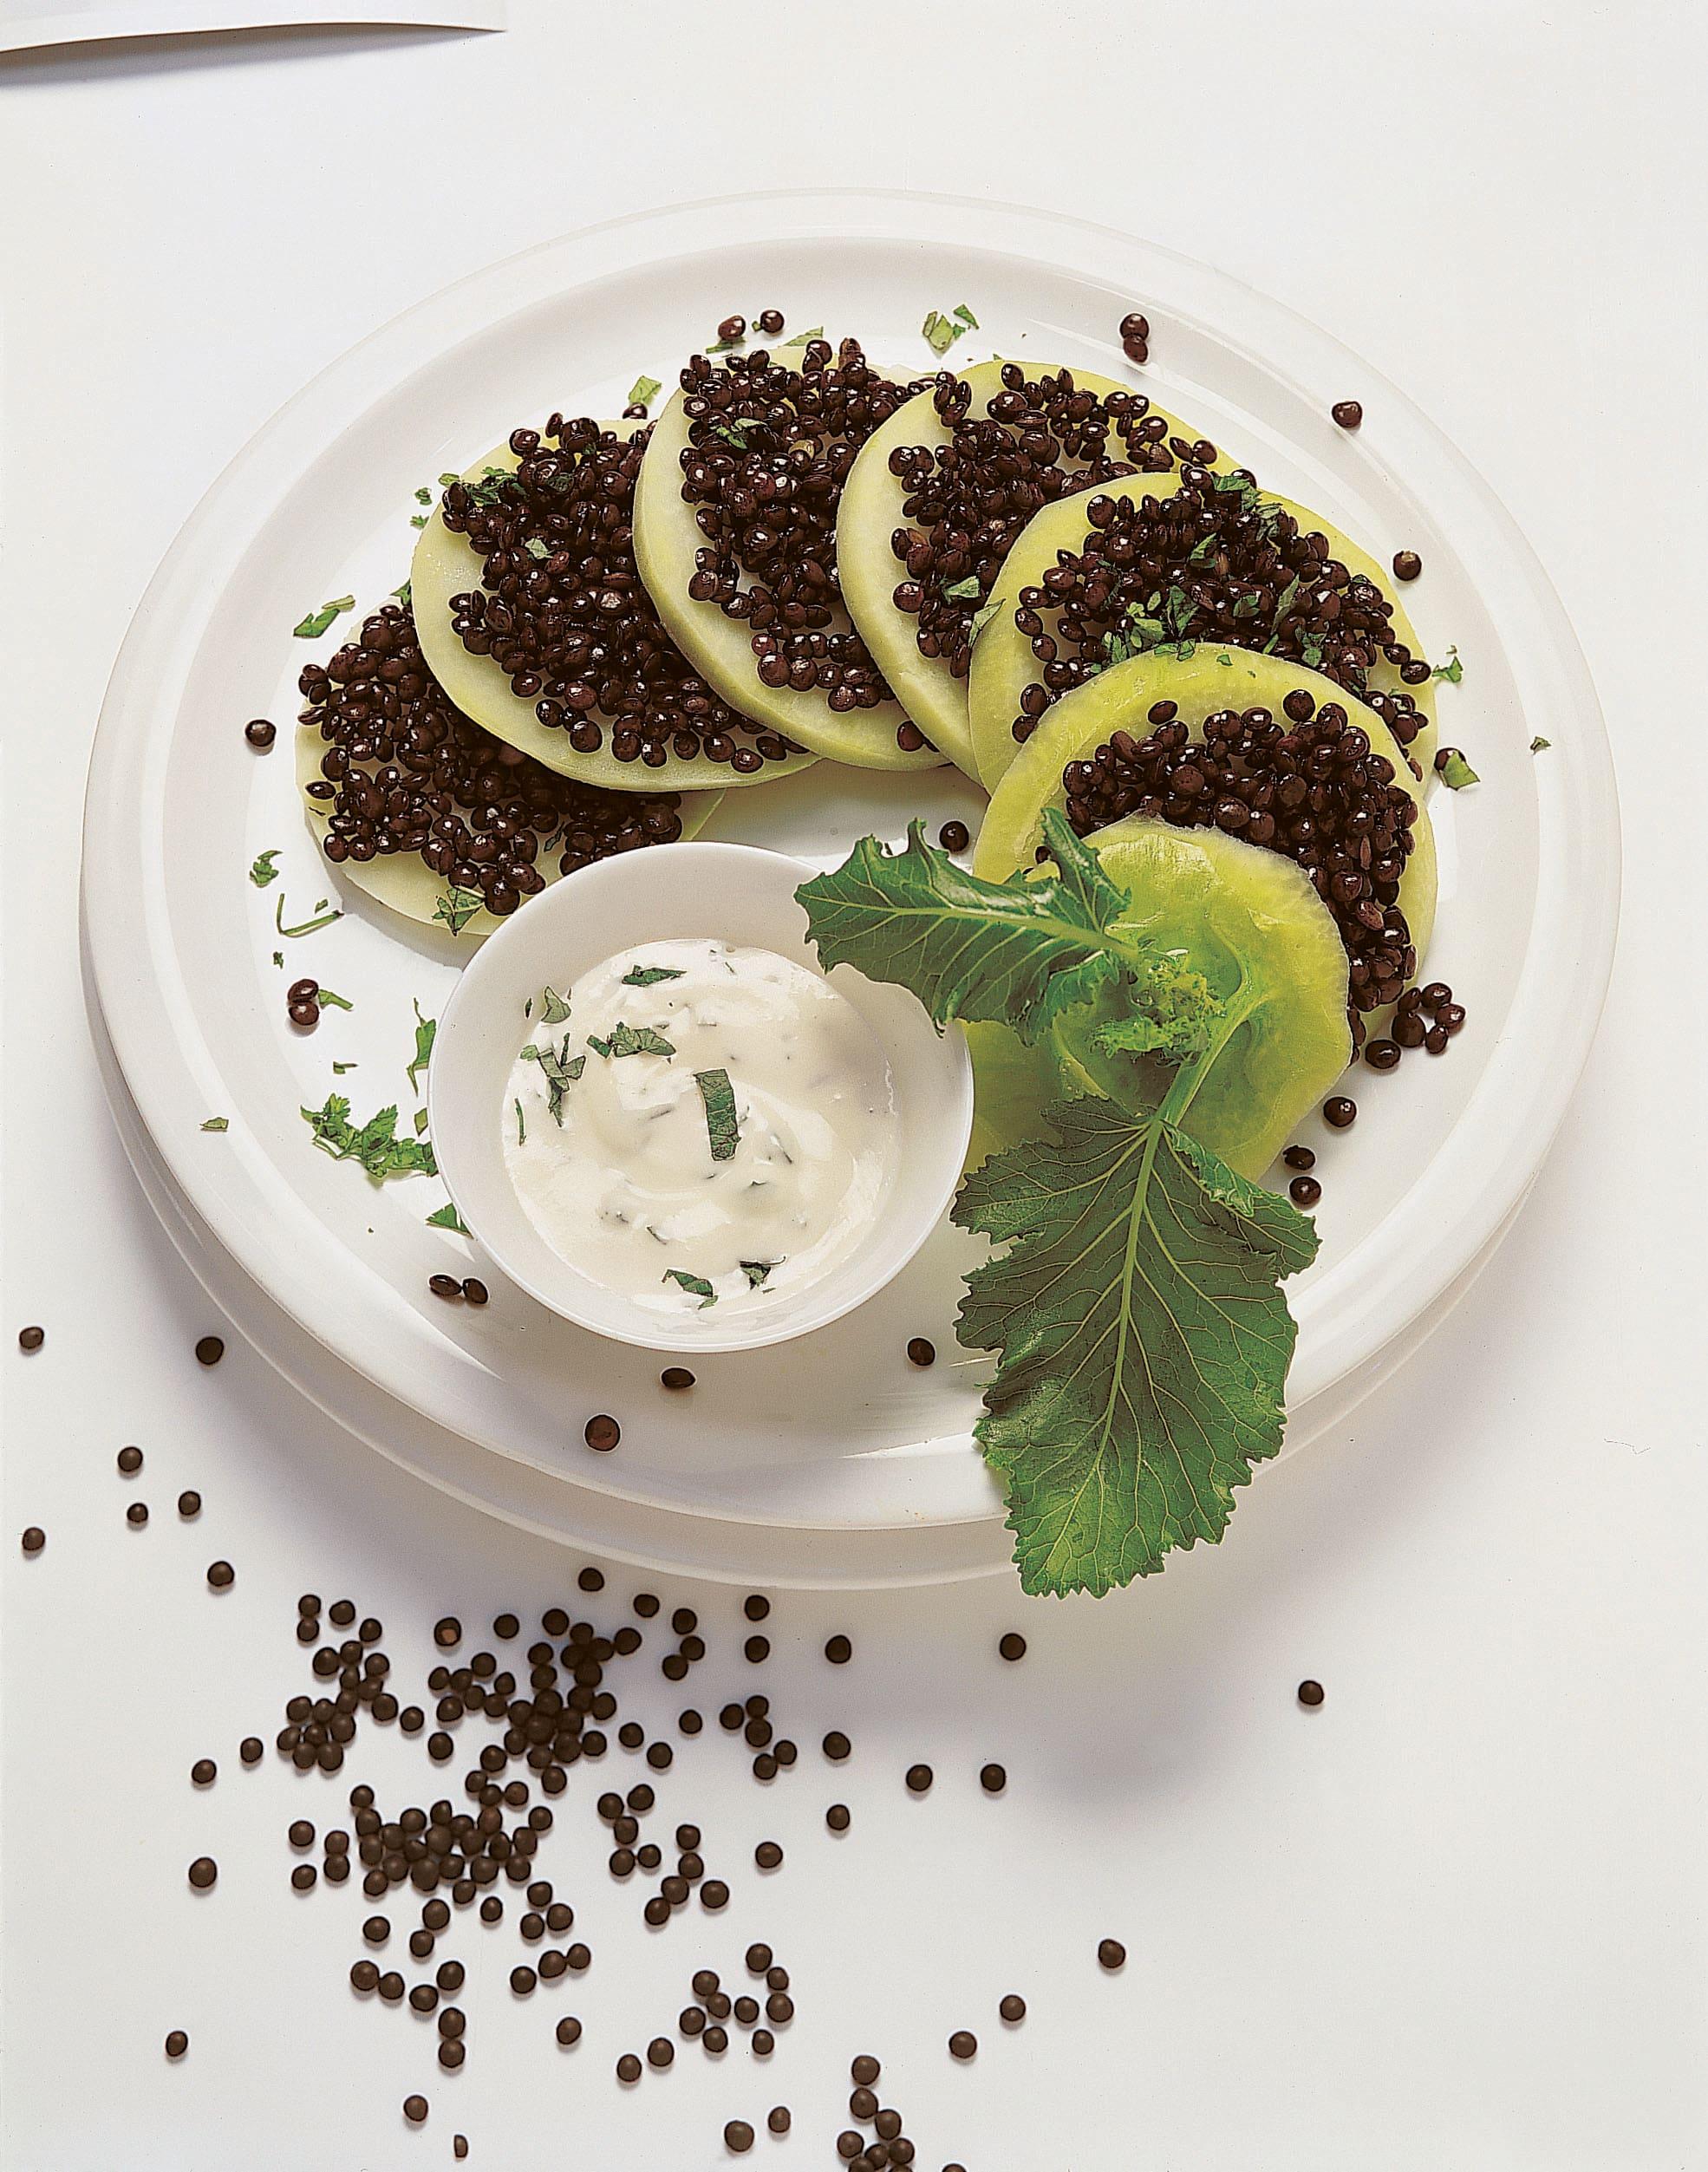 Kohlrabi-Linsen-Türmchen mit Kräuterrahmsauce